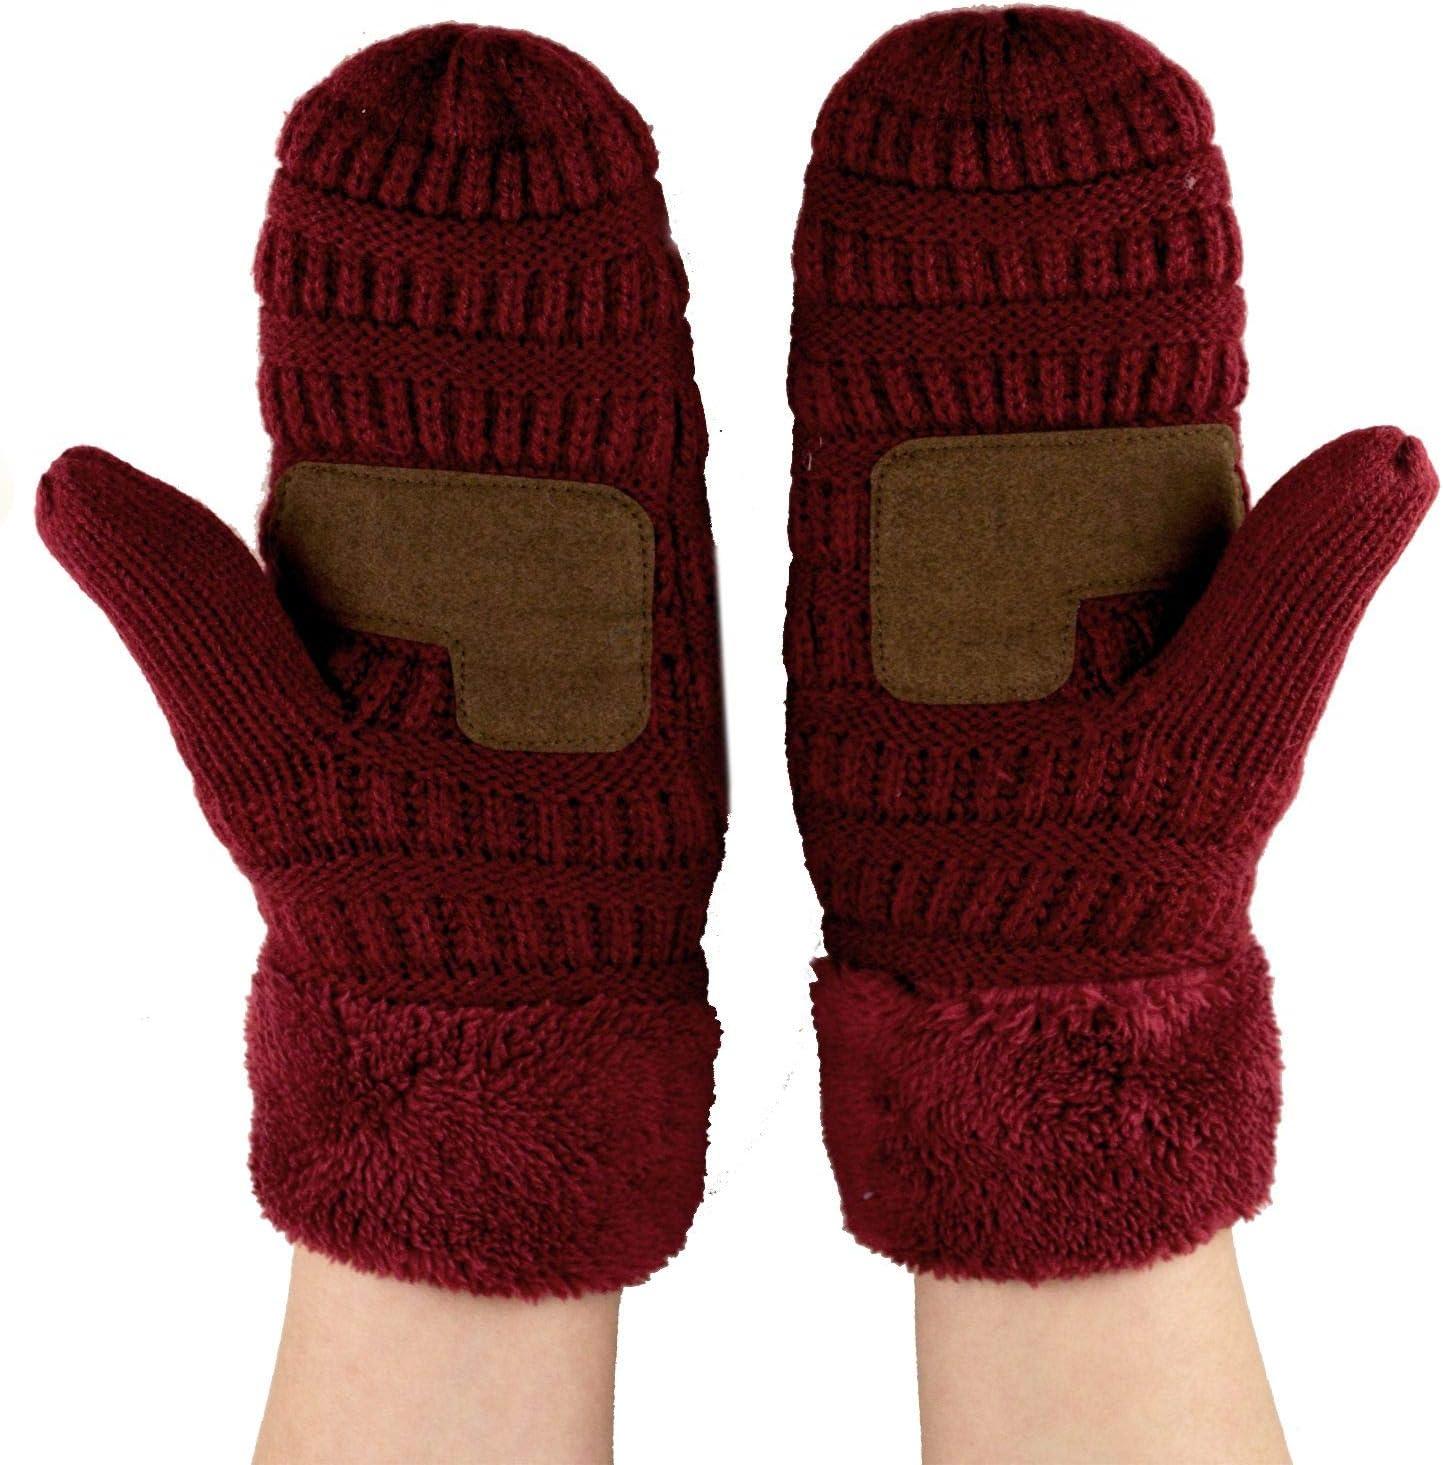 C.C Unisex Winter Warm Inner Fuzzy Lined Anti-Slip Cuff Mittens Dark Melange Gray